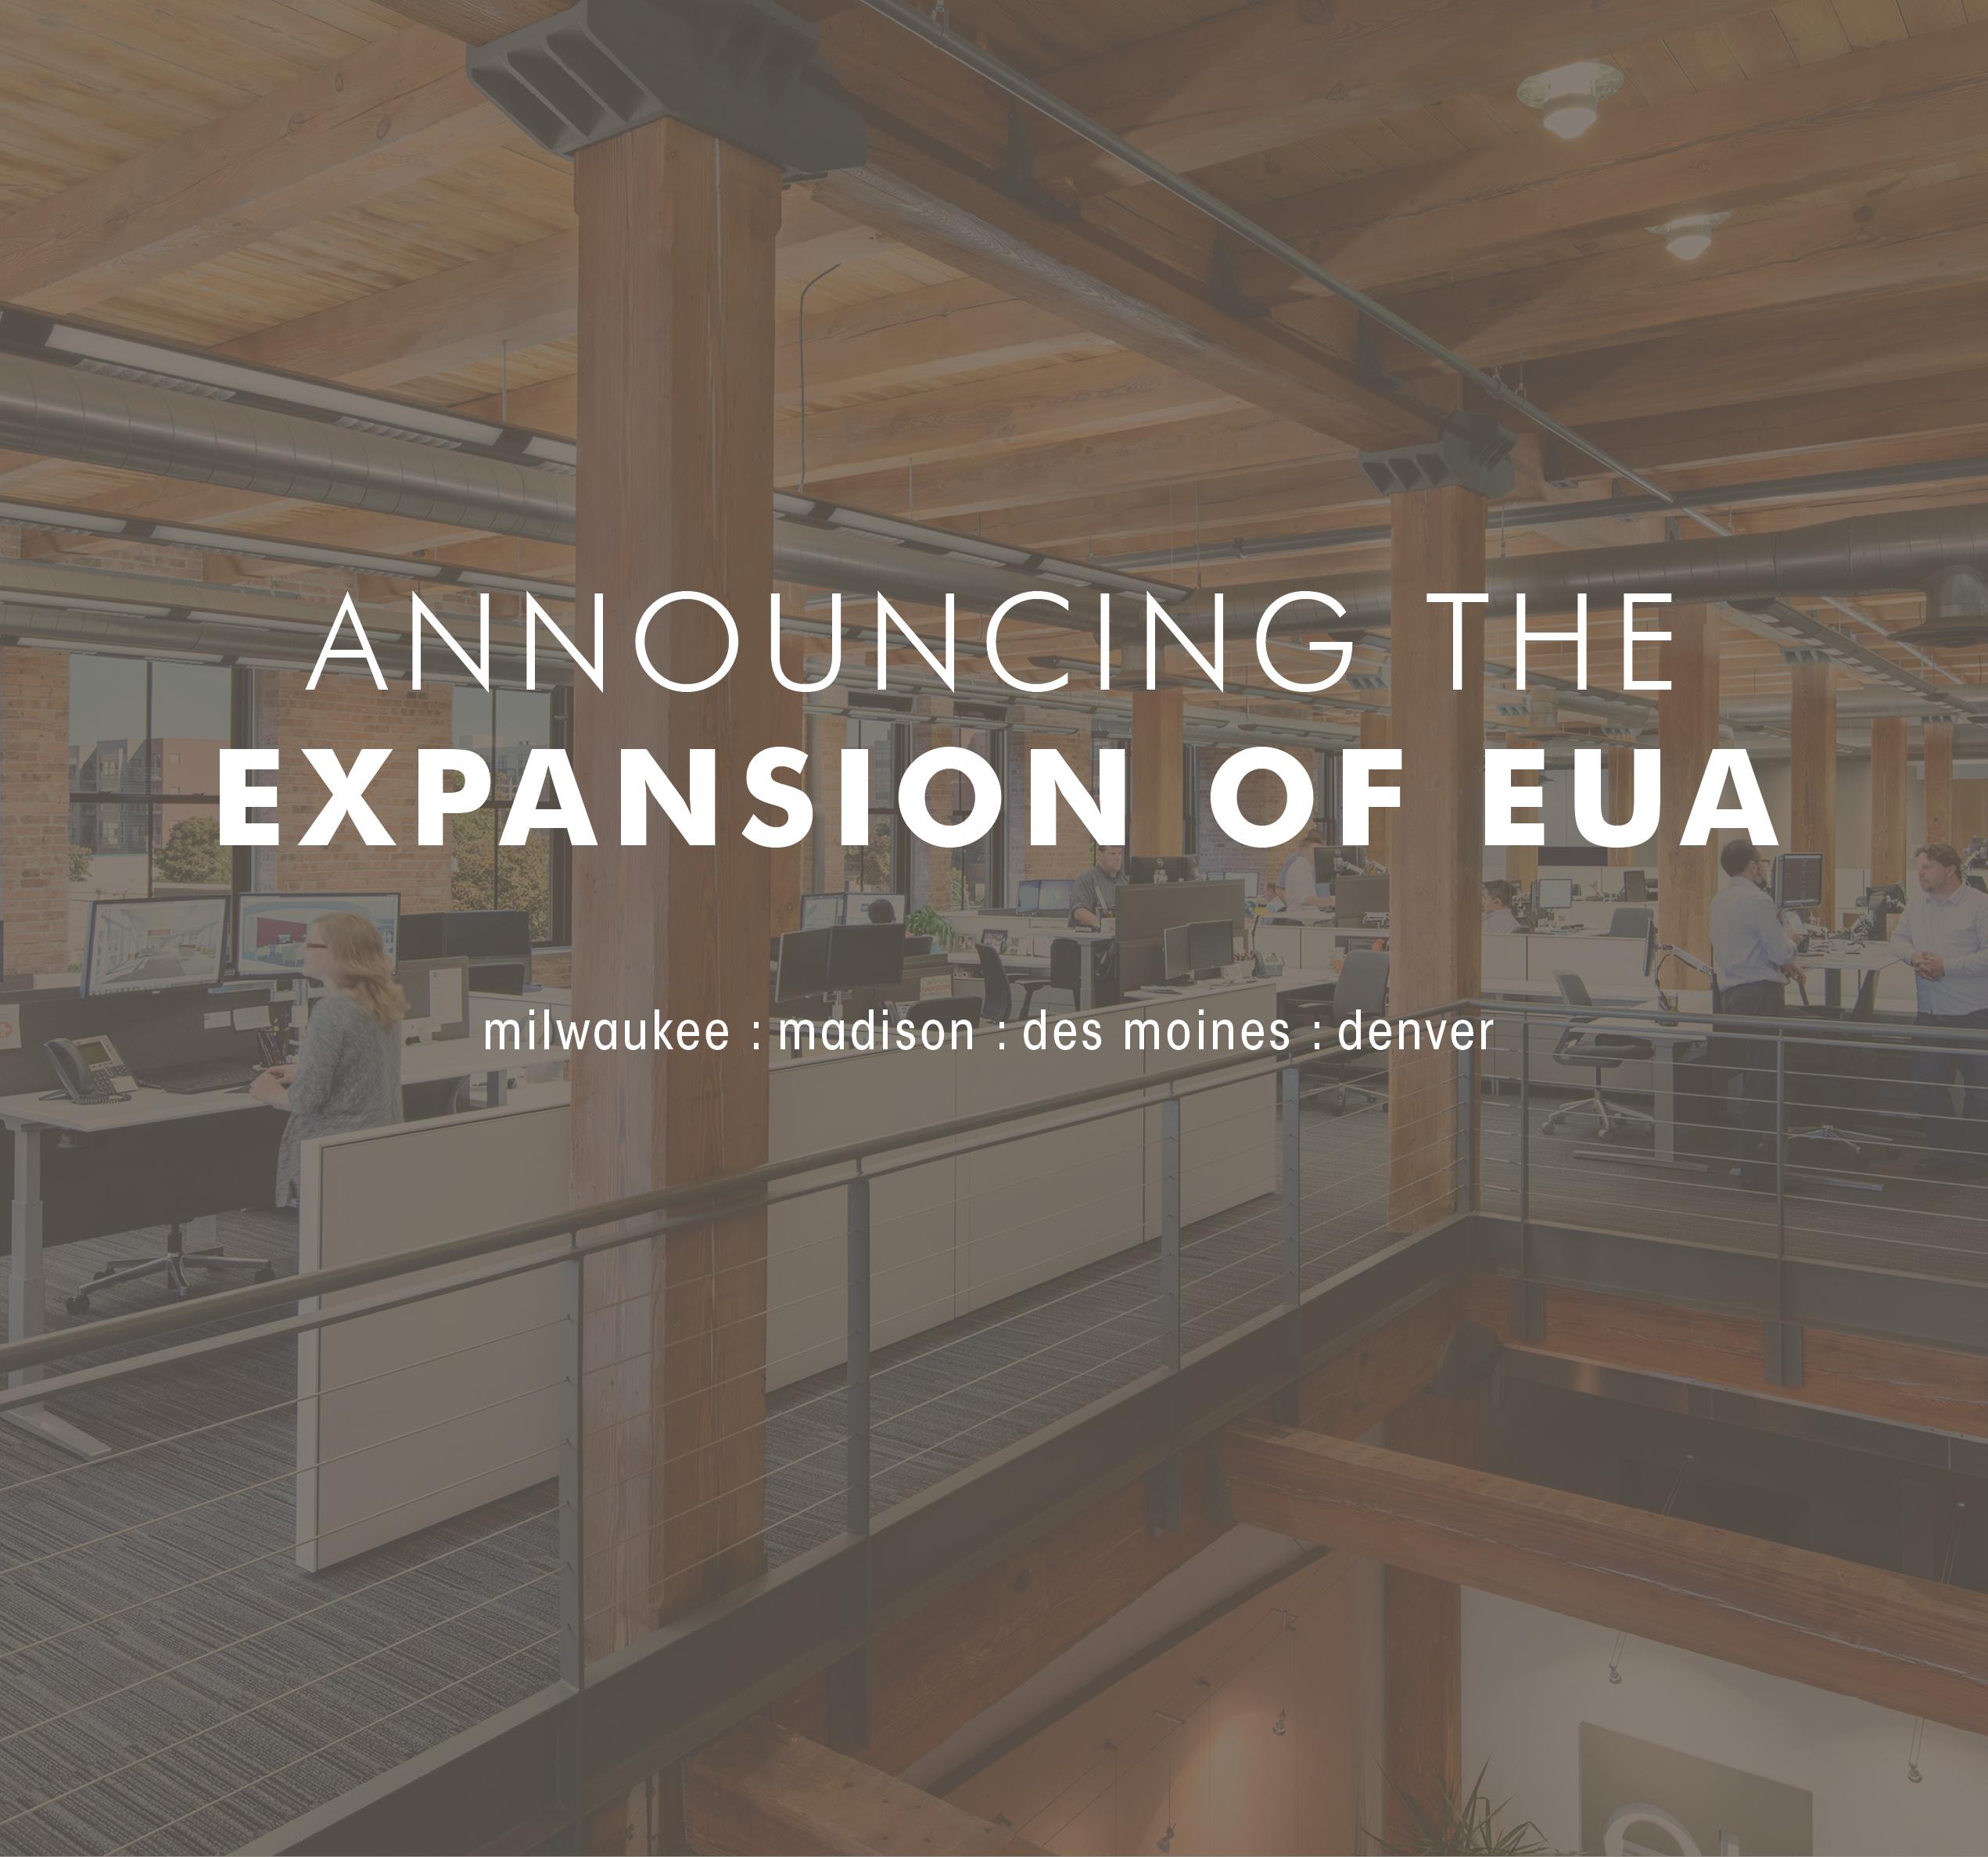 expansion of eua into denver